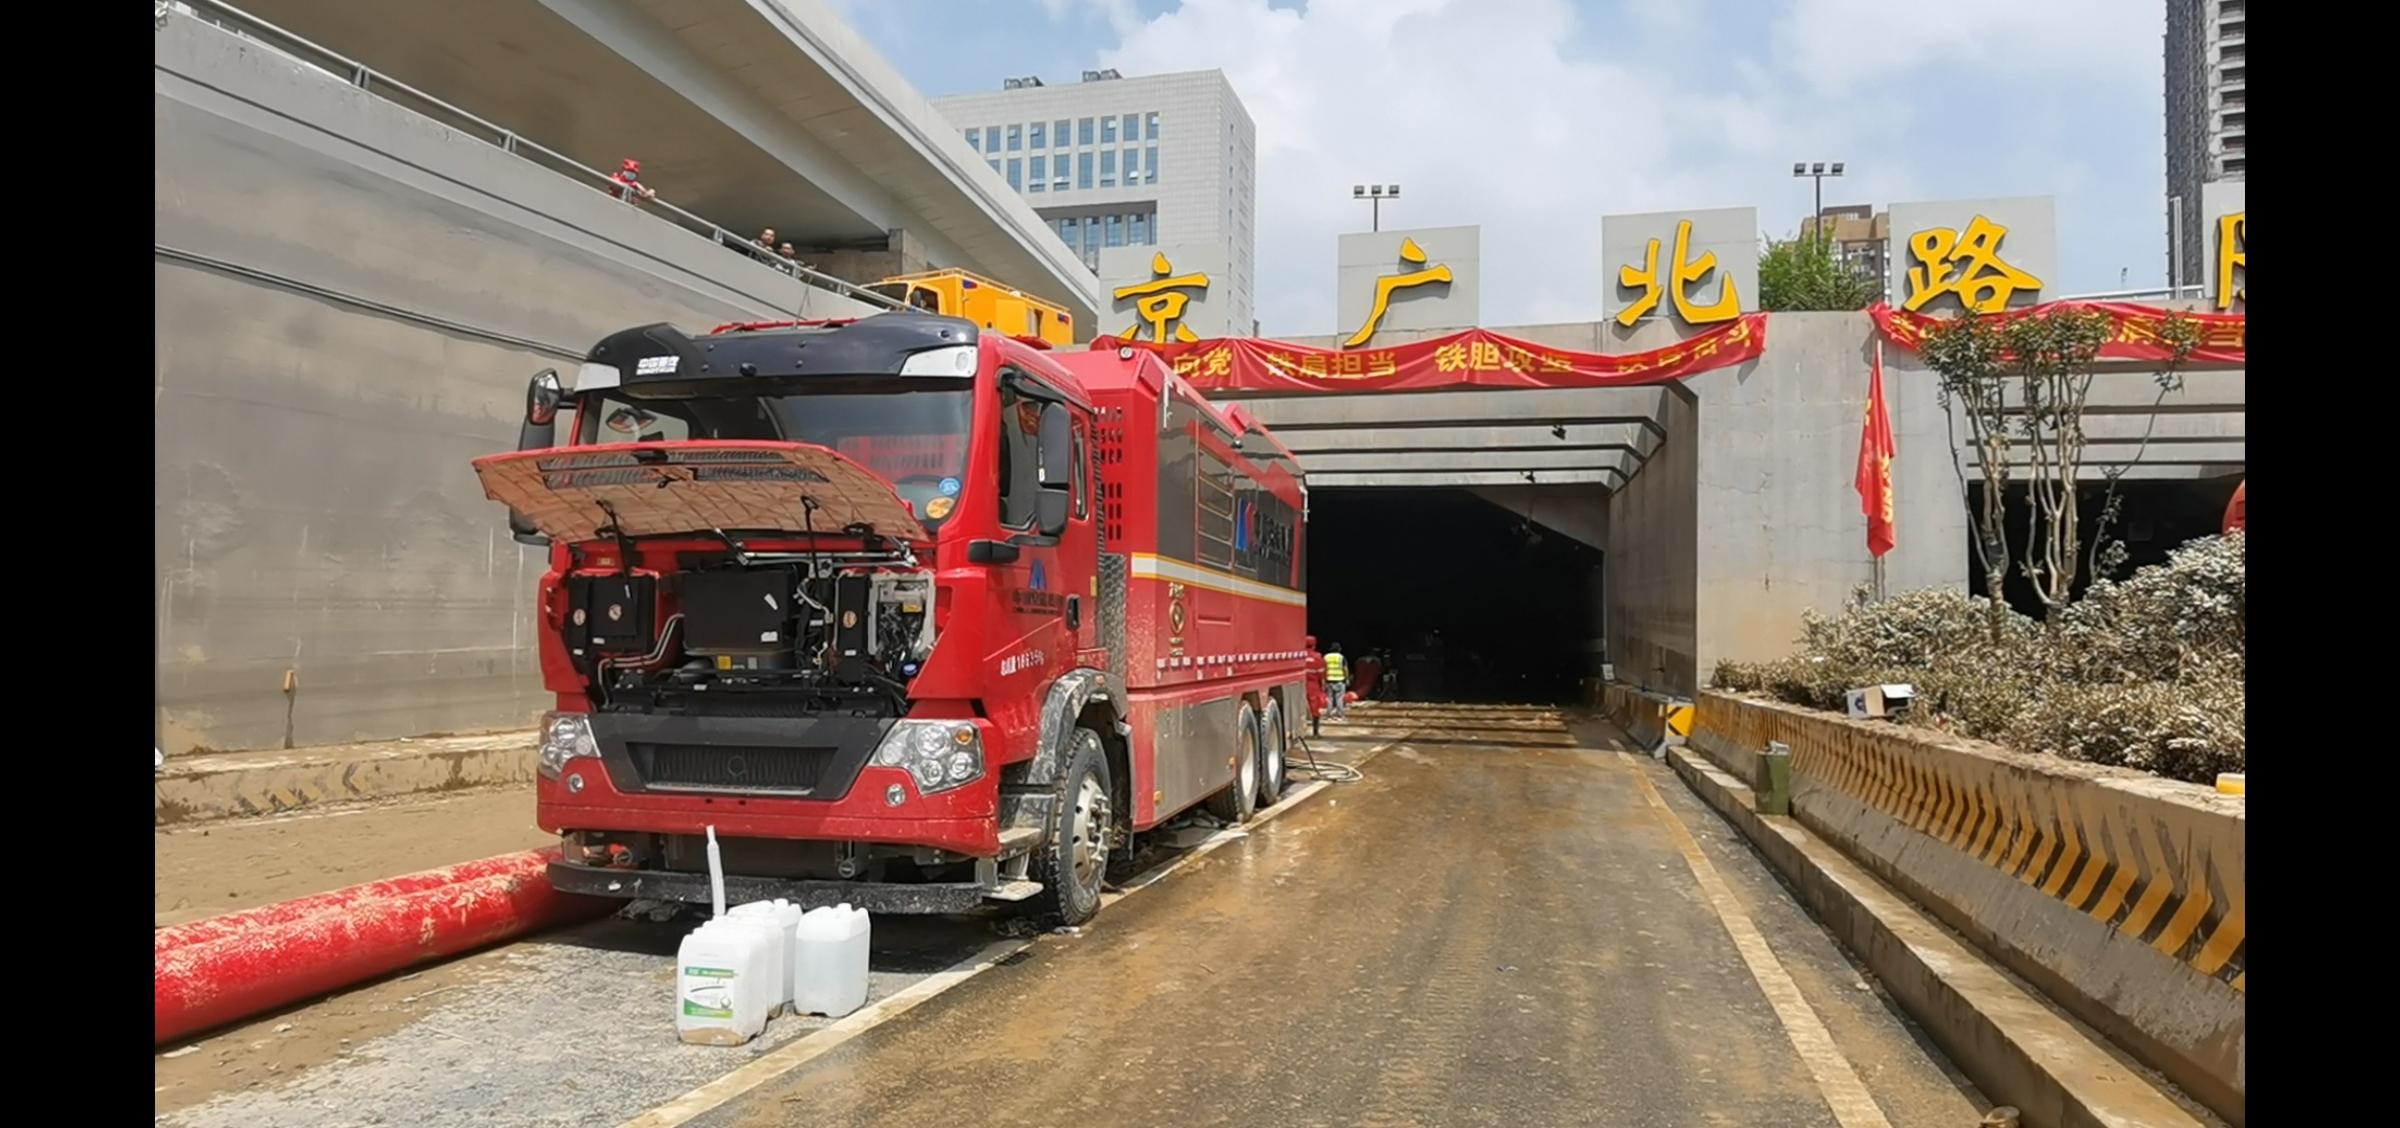 7月24日上午11点,京广北路隧道南出口。